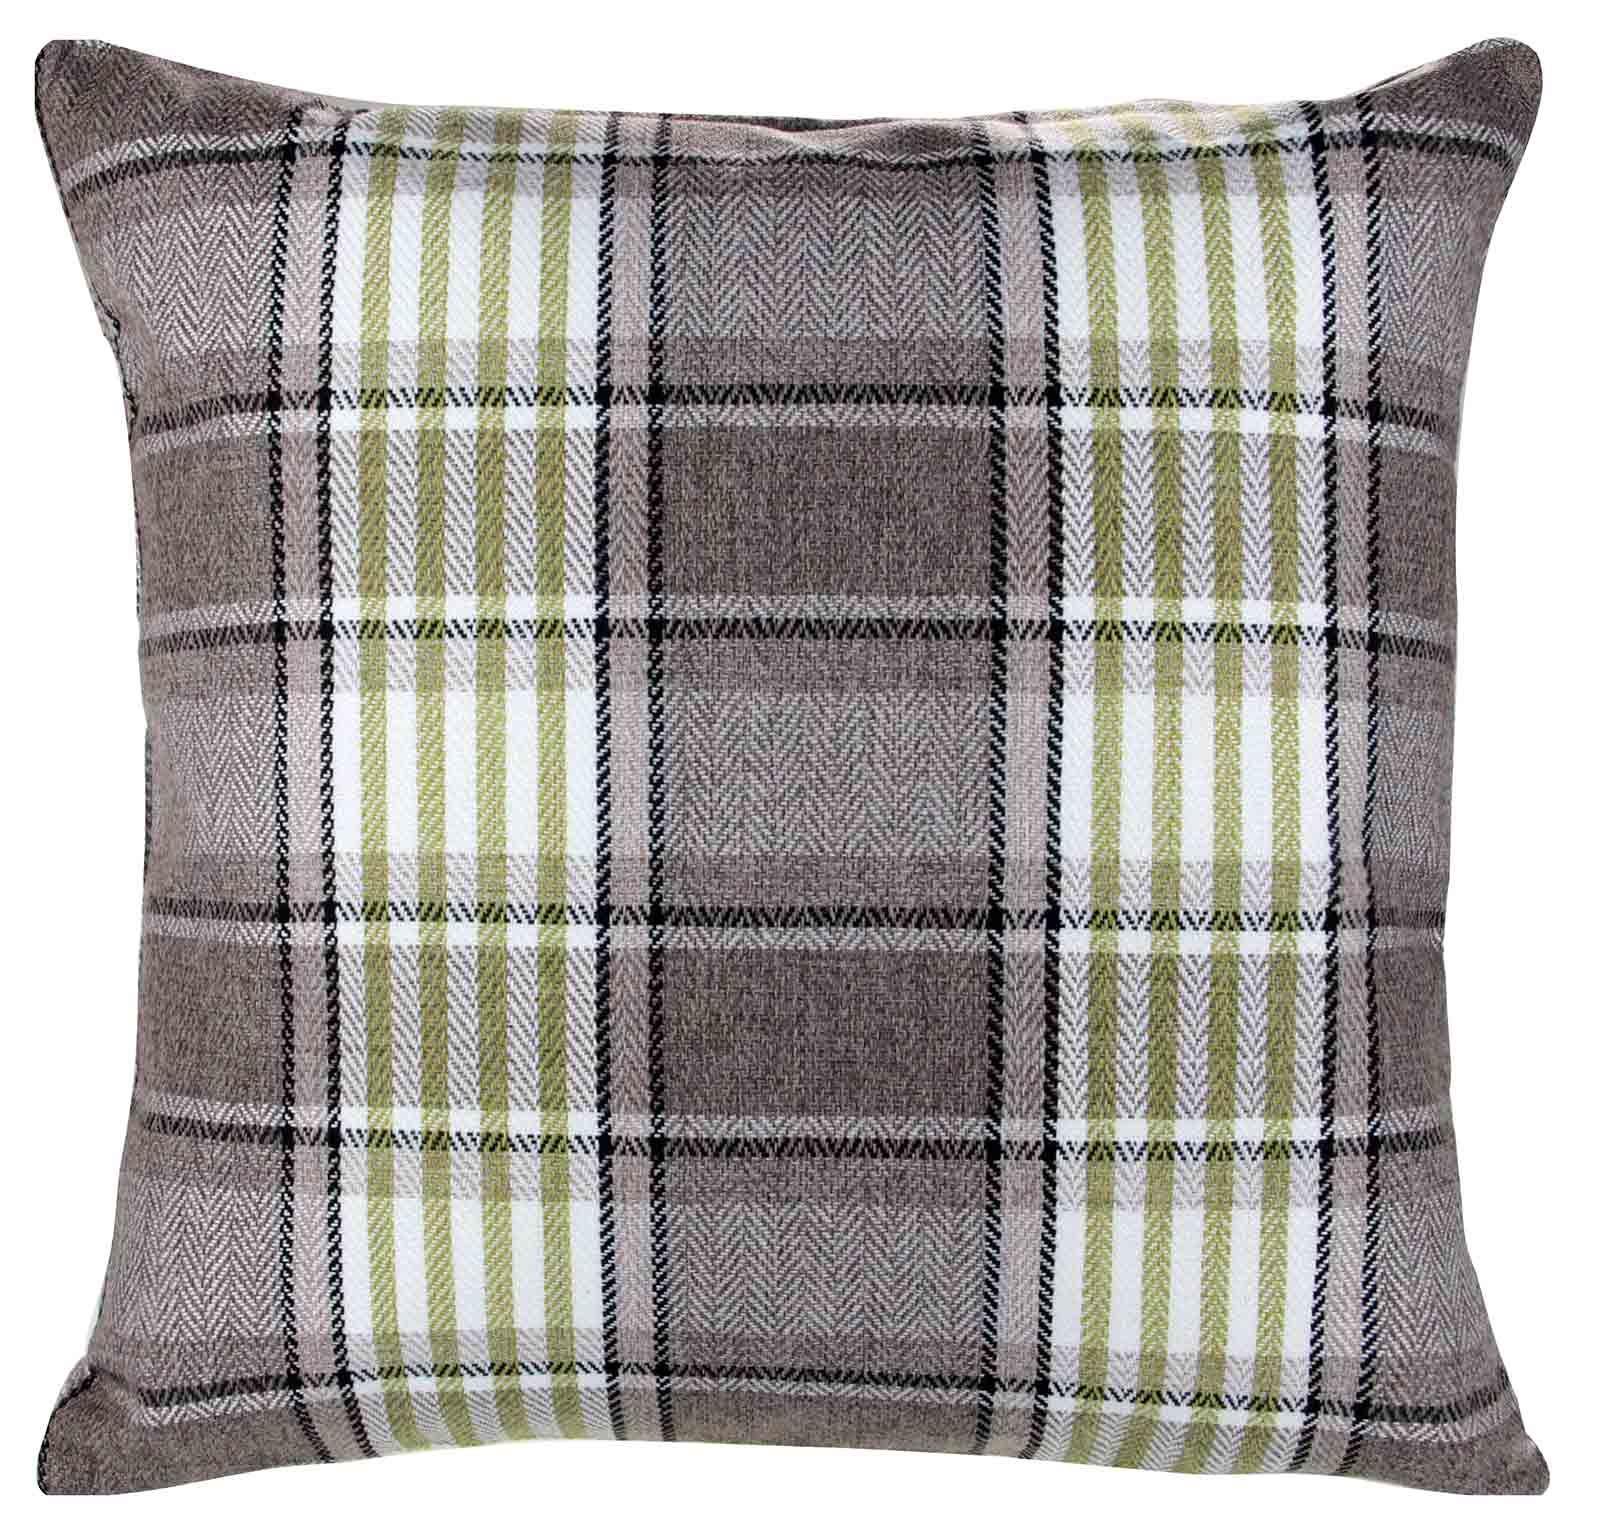 Plaid Decorative Throw Pillows : CARLYLE TARTAN PLAID CHECK CUSHION COVER 18